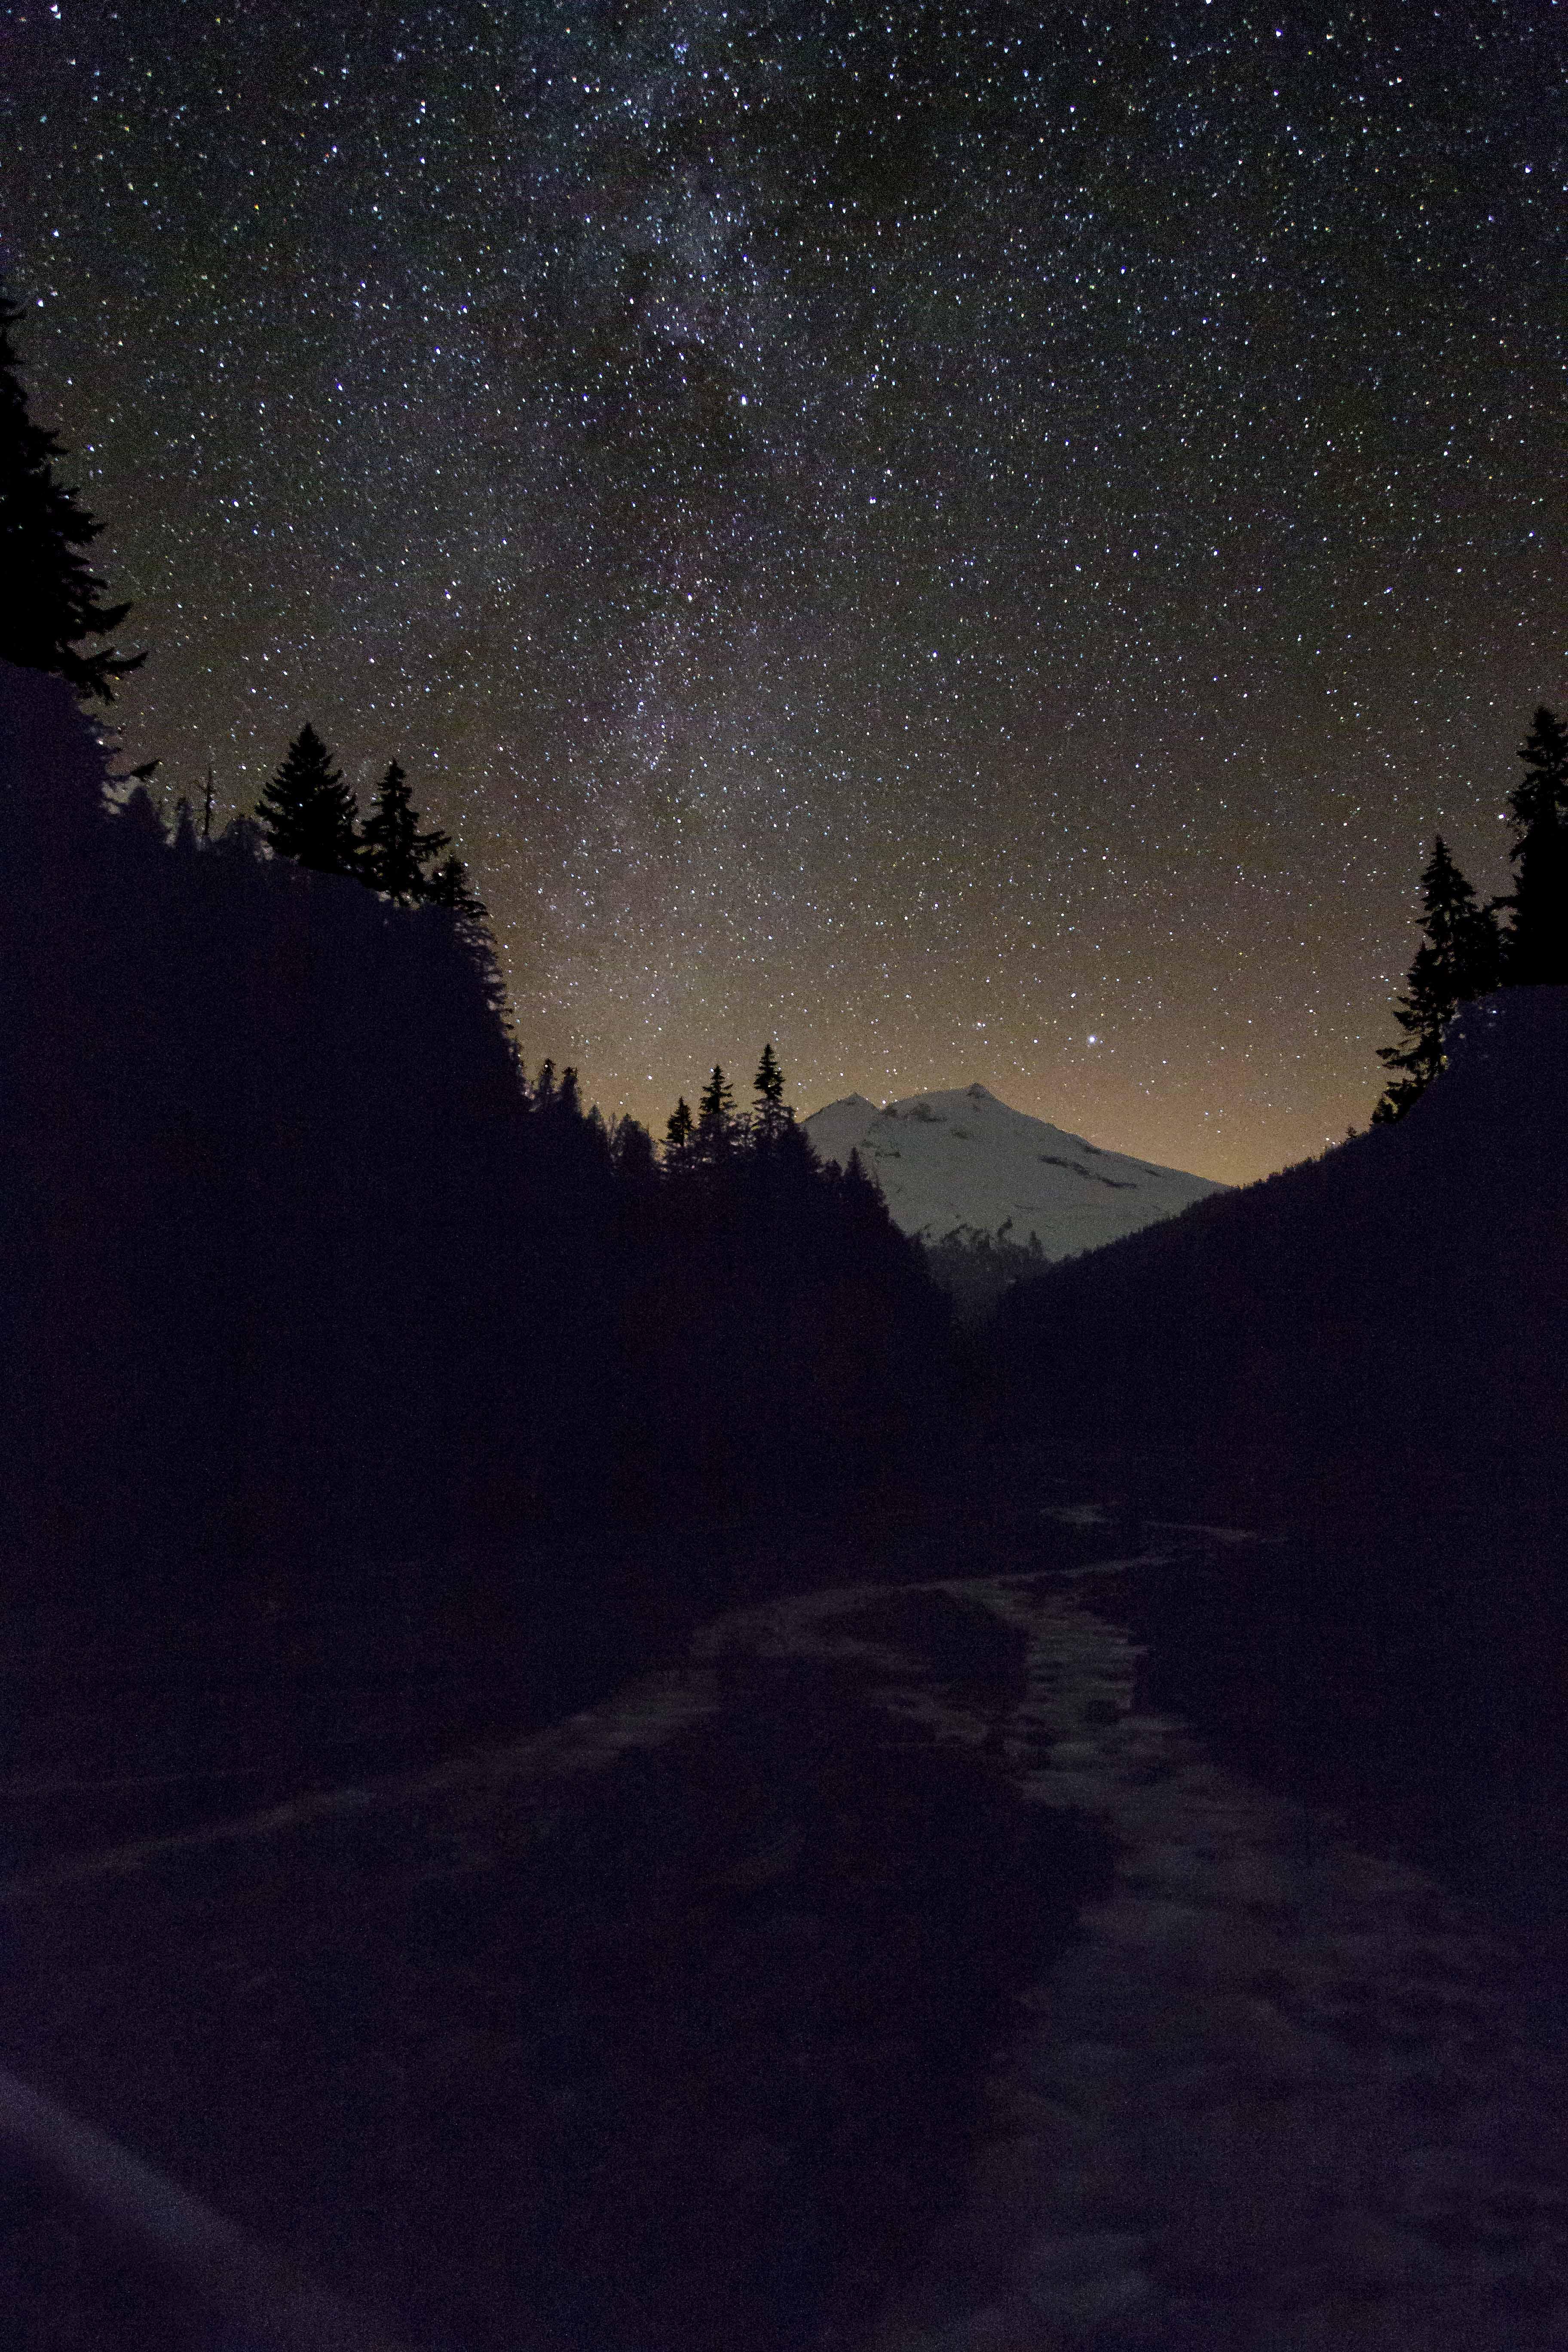 Moon And Stars At Nigh...